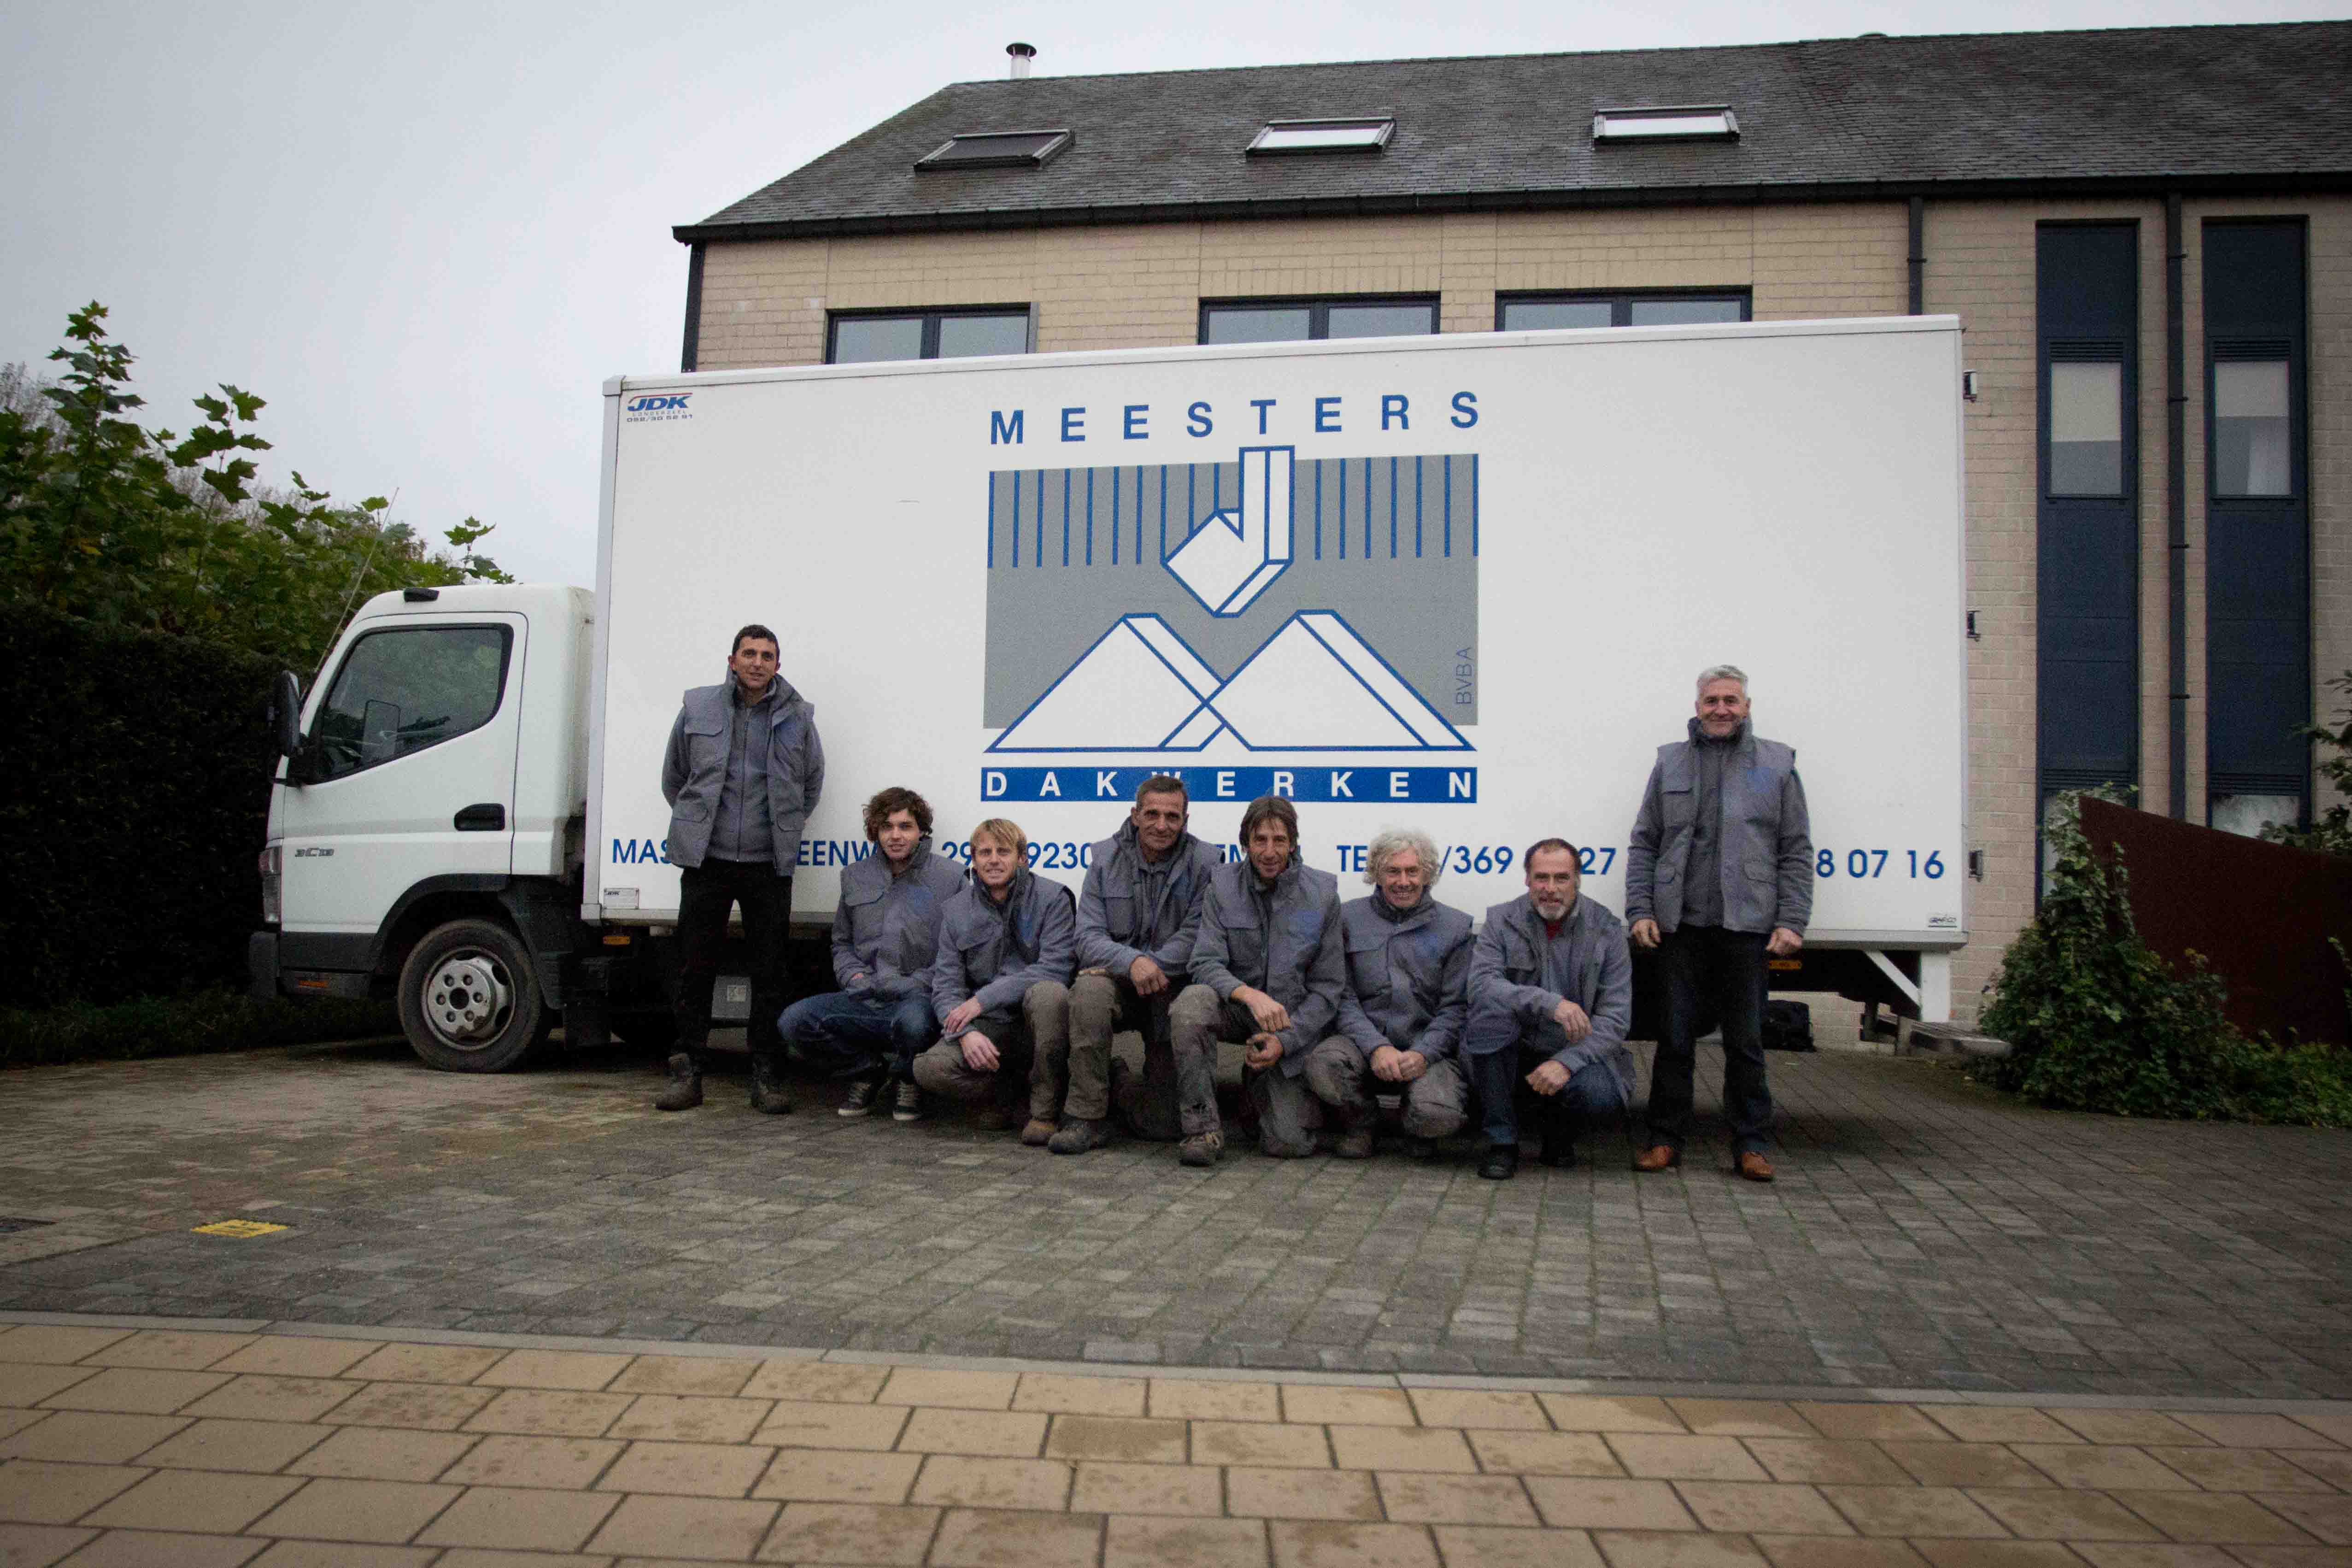 meesterdakwerkers-0991